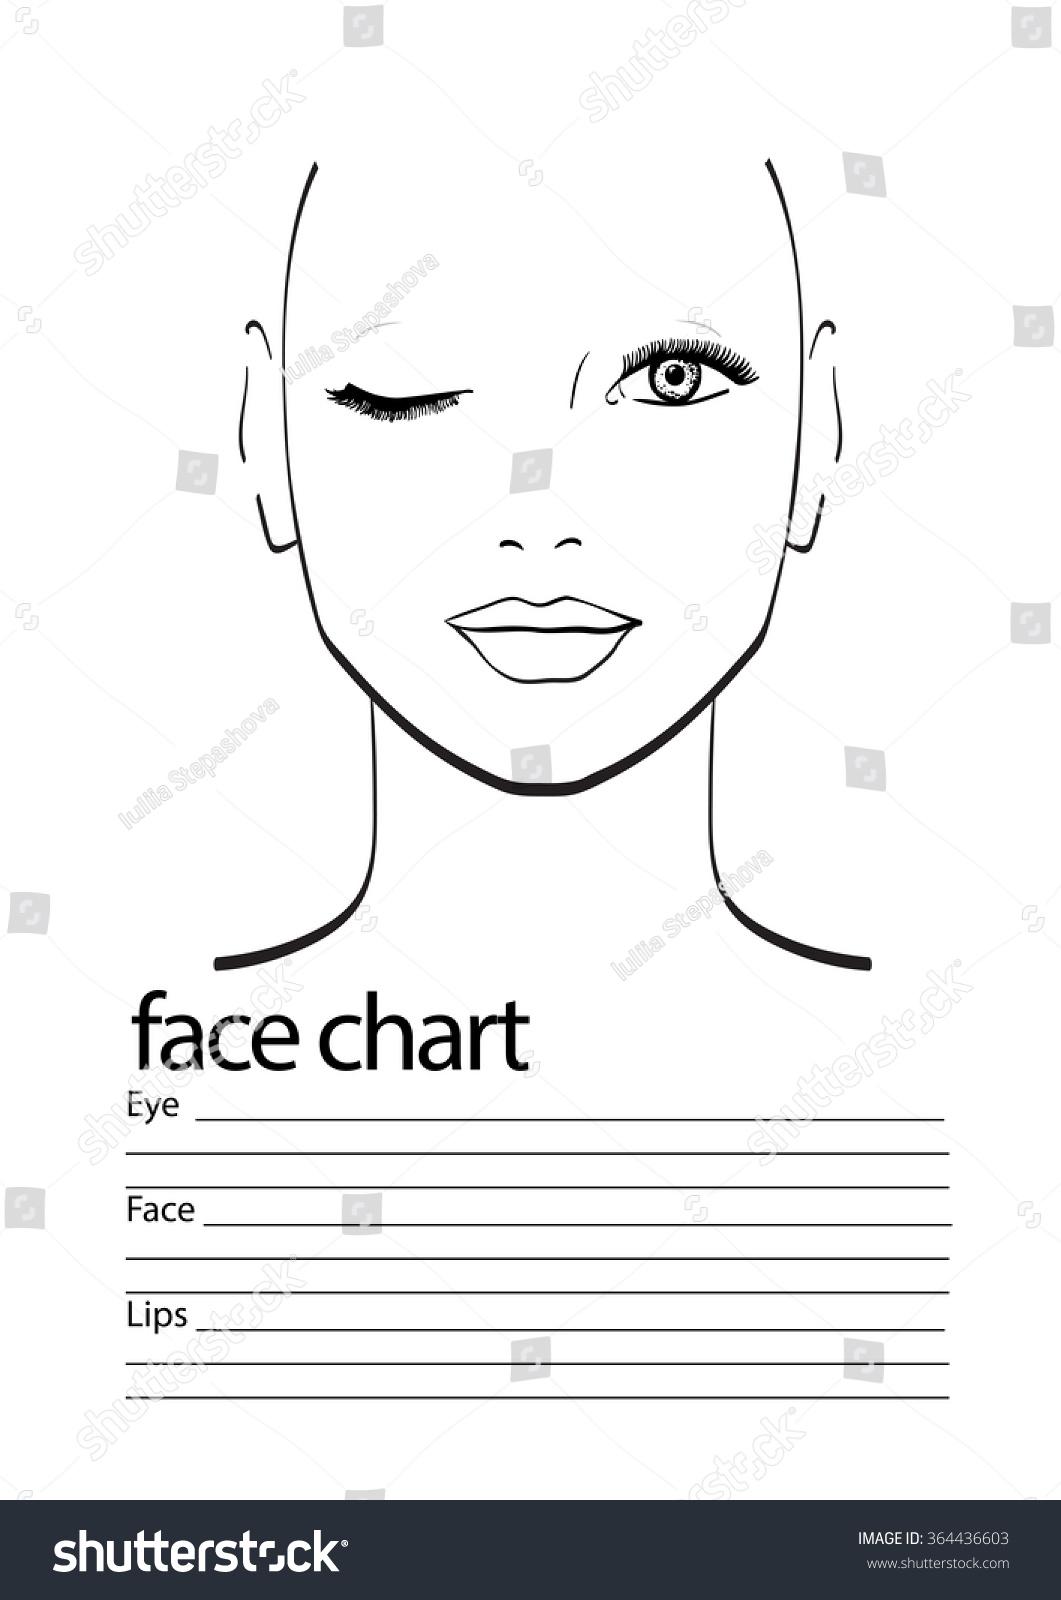 Makeup Template Face Chart face chart makeup artist blank. template ...